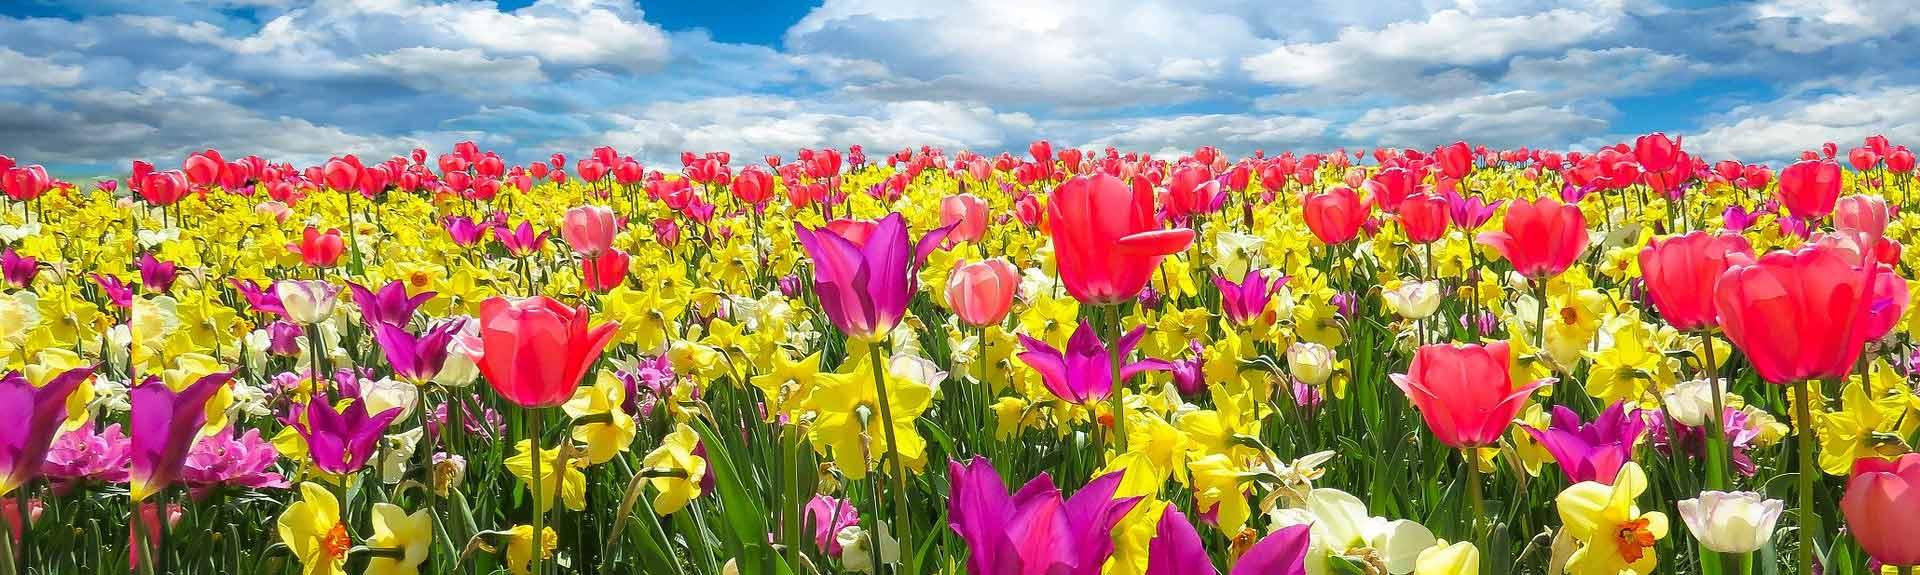 spring-awakening-1197602_1920@1920w